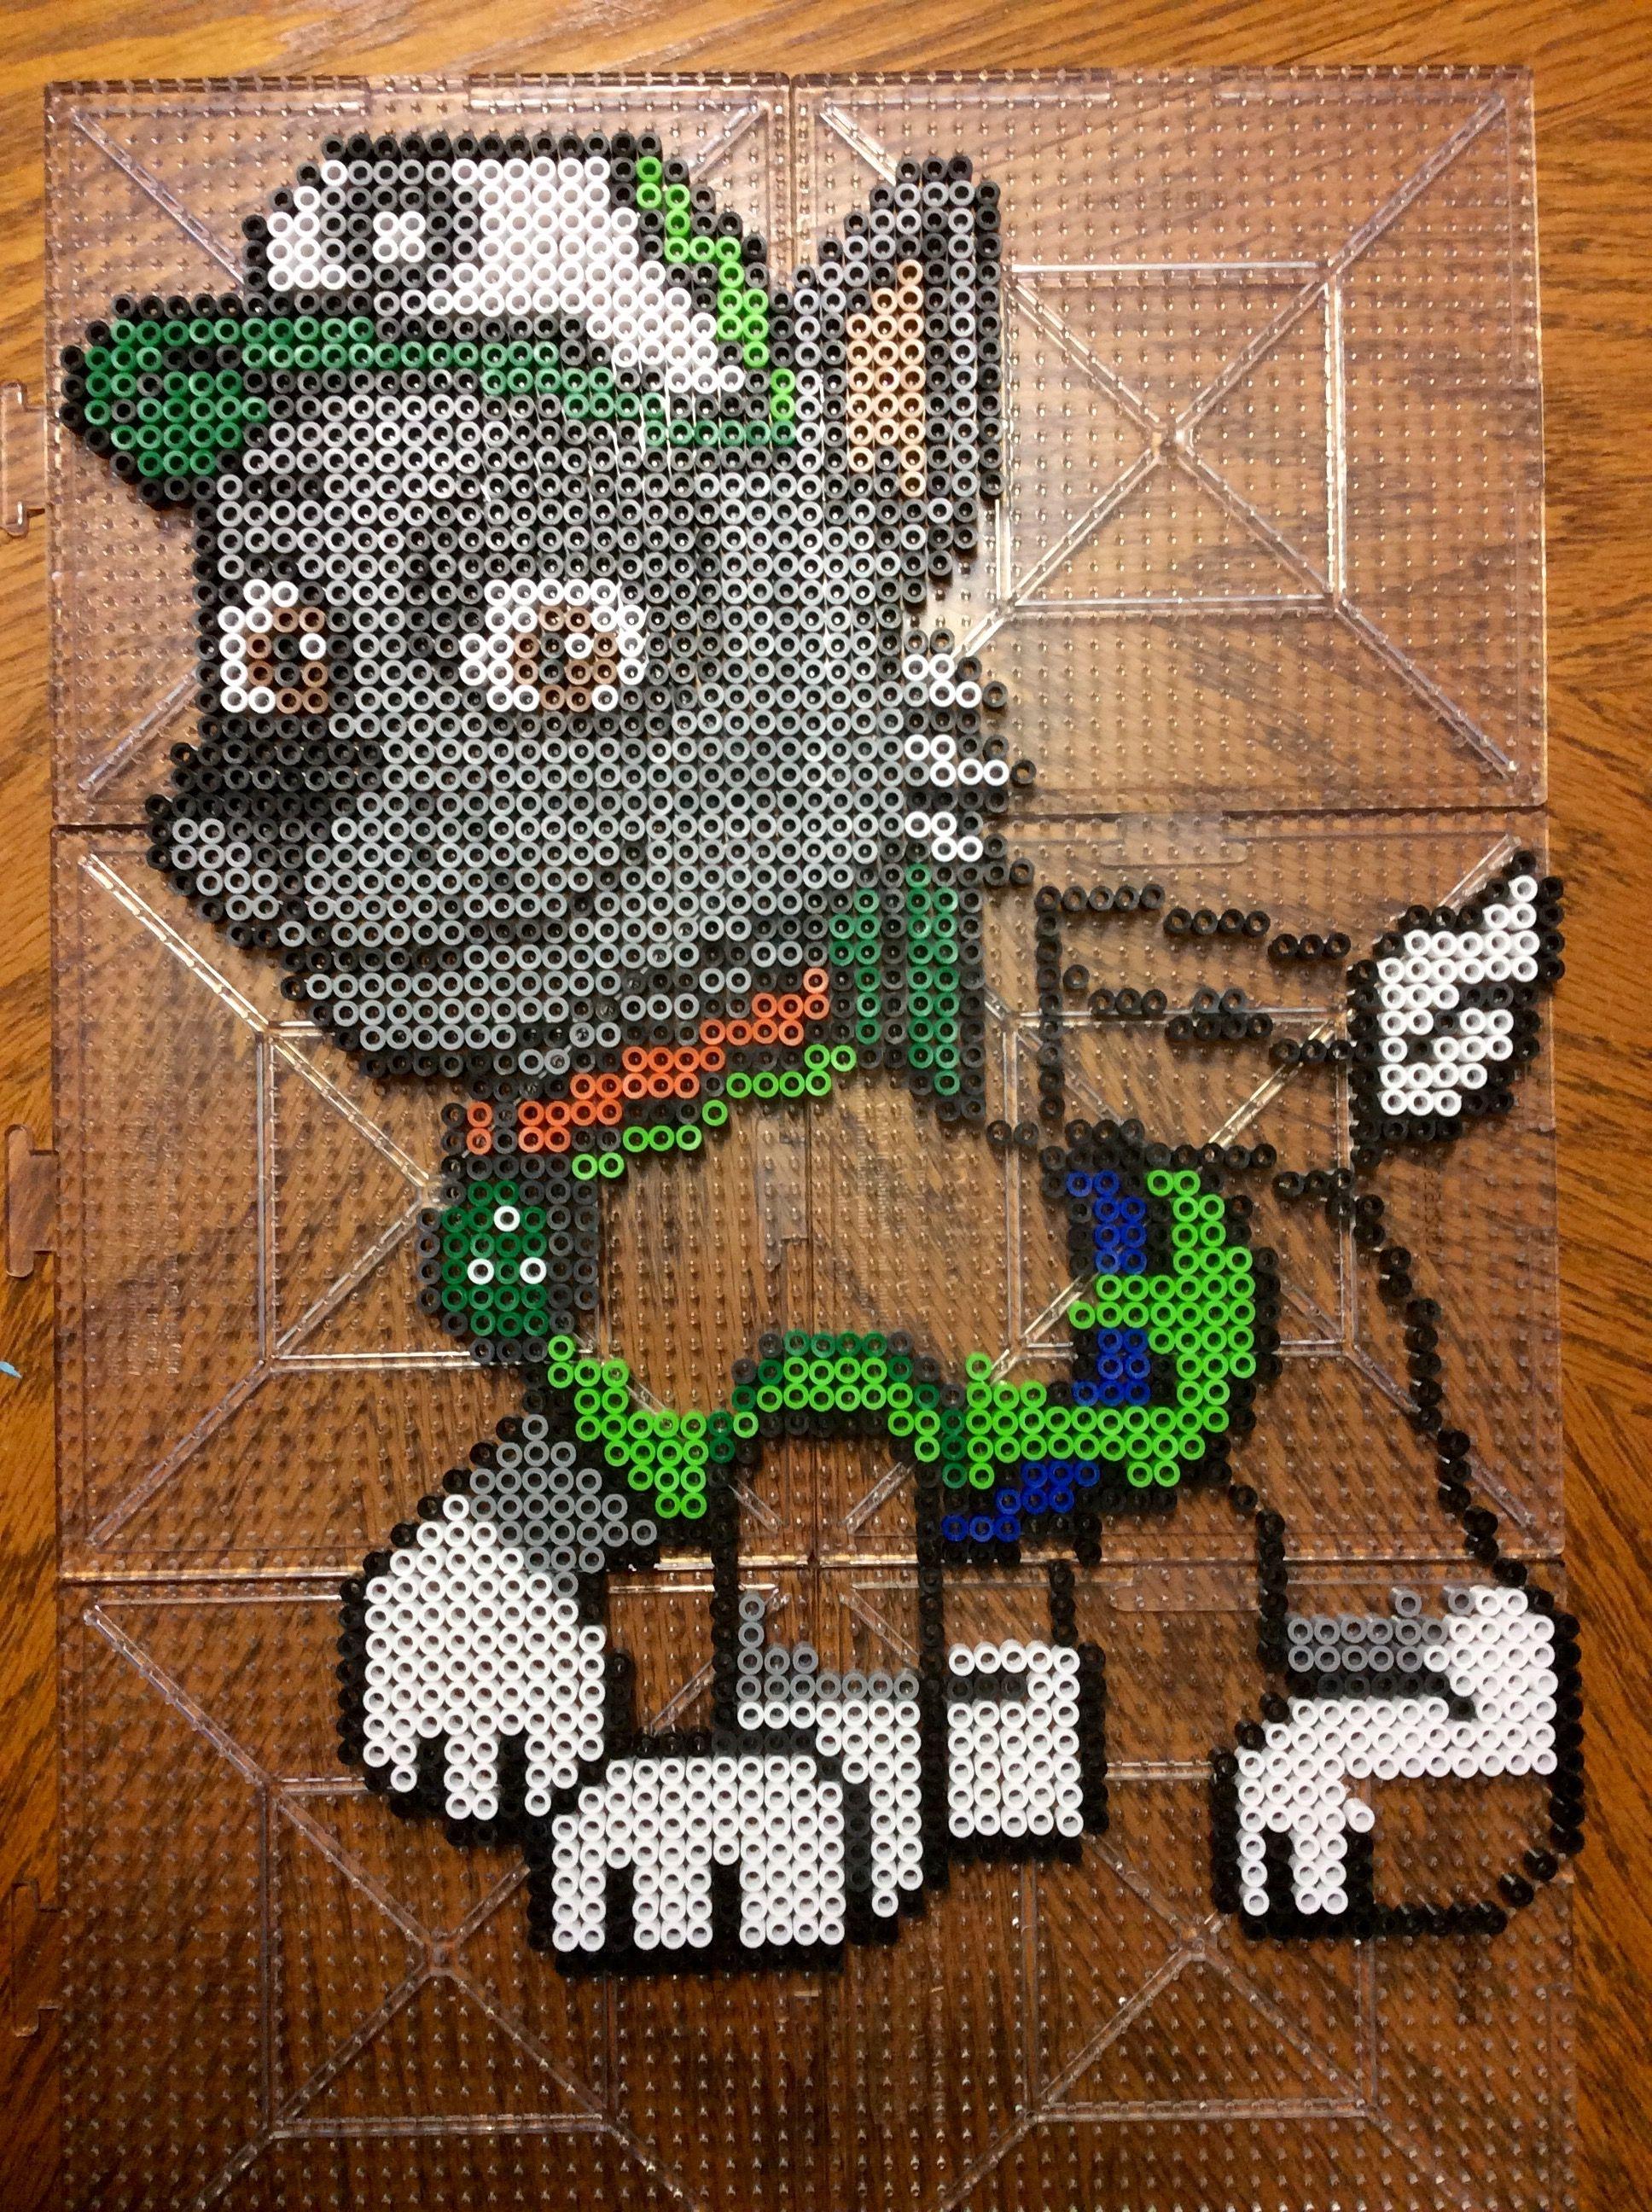 Pin von Marilyn Loewen auf Pixel Art - Paw Patrol | Pinterest ...